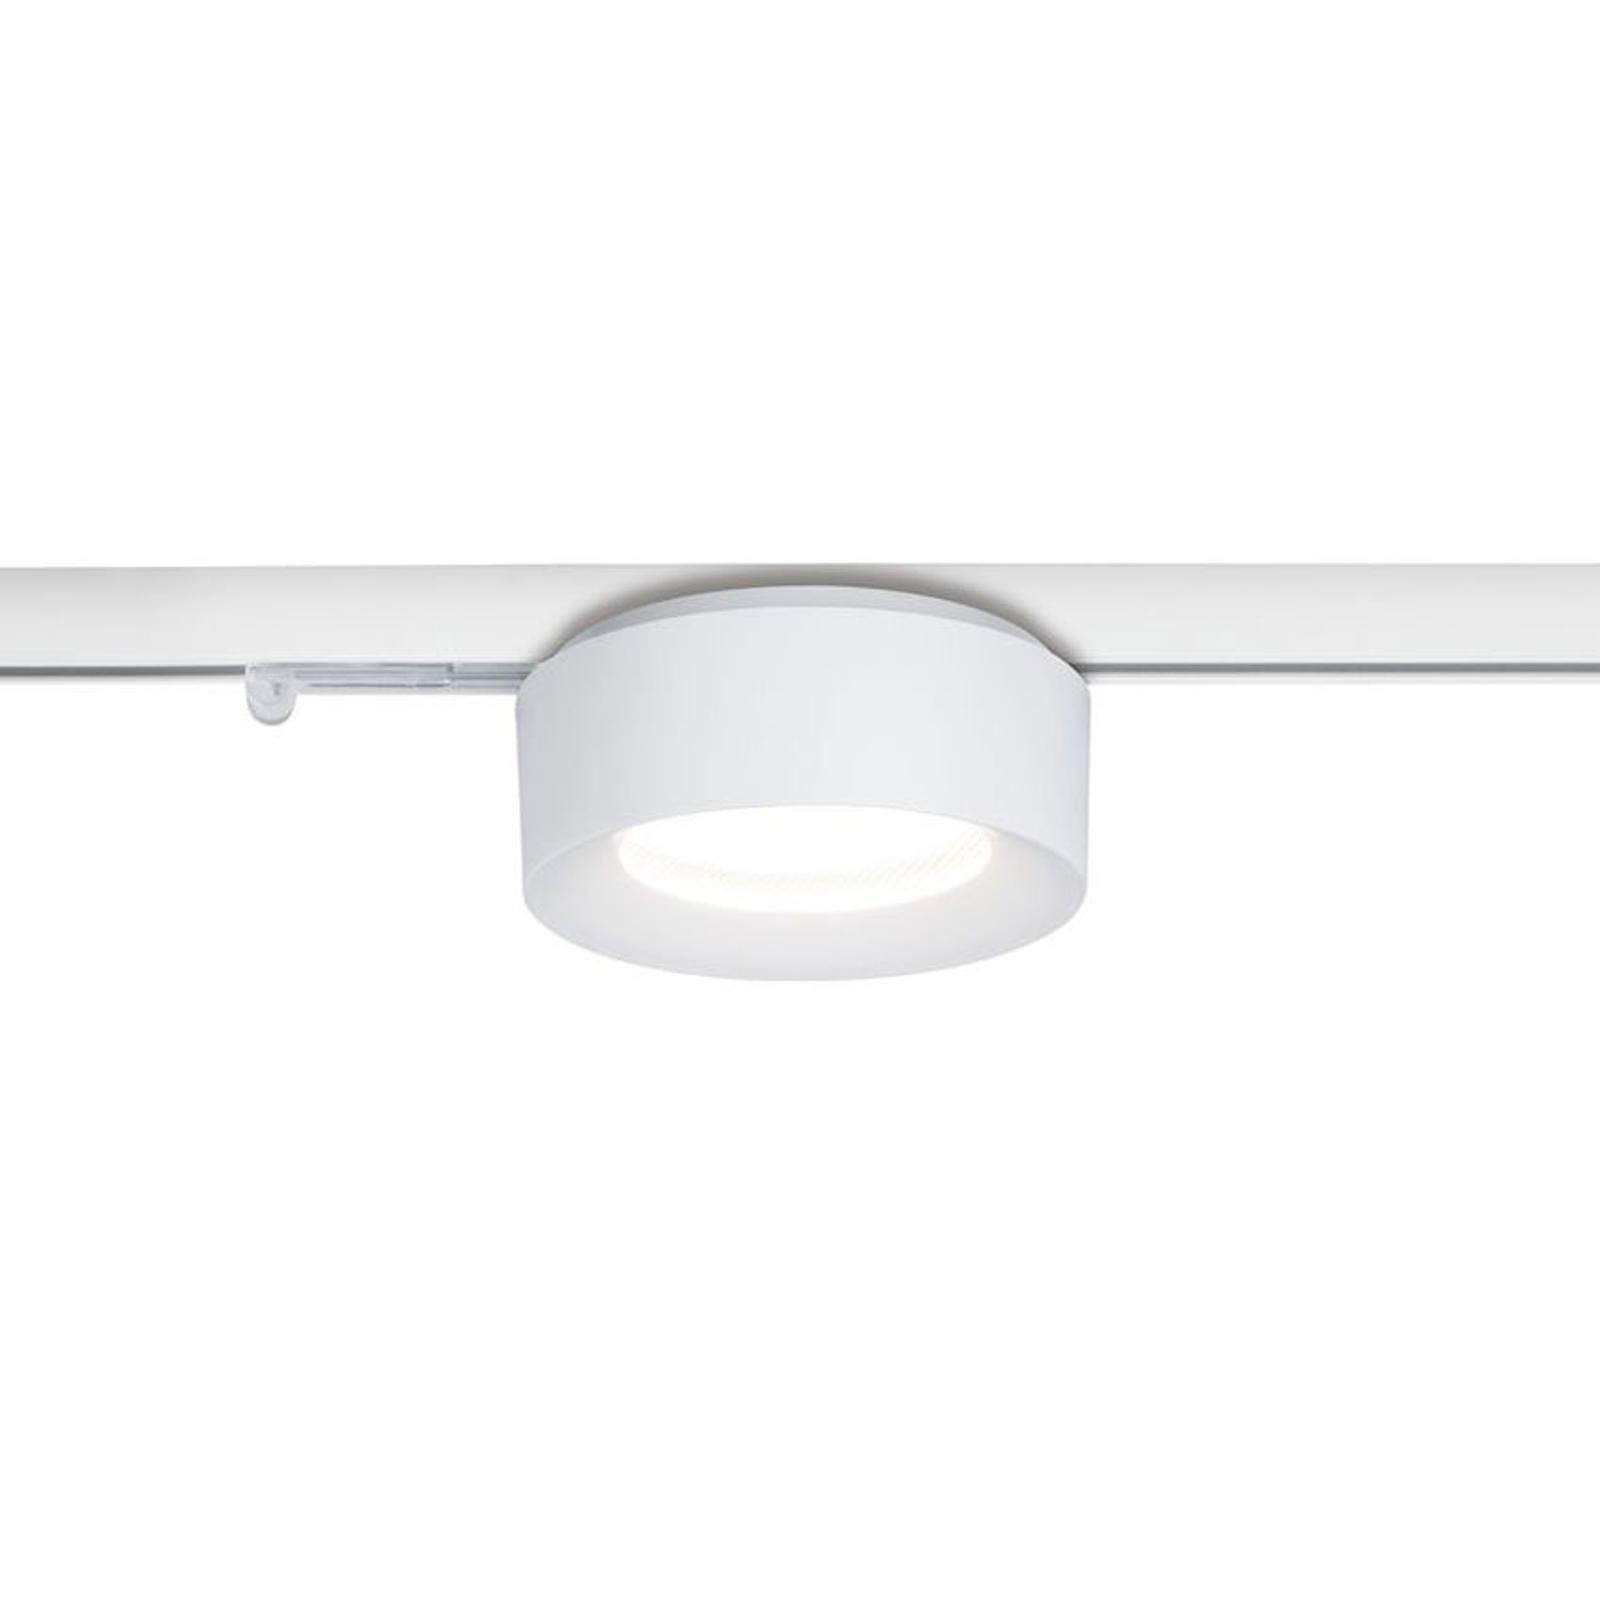 Paulmann NanoRail Cavar LED downlight, wit